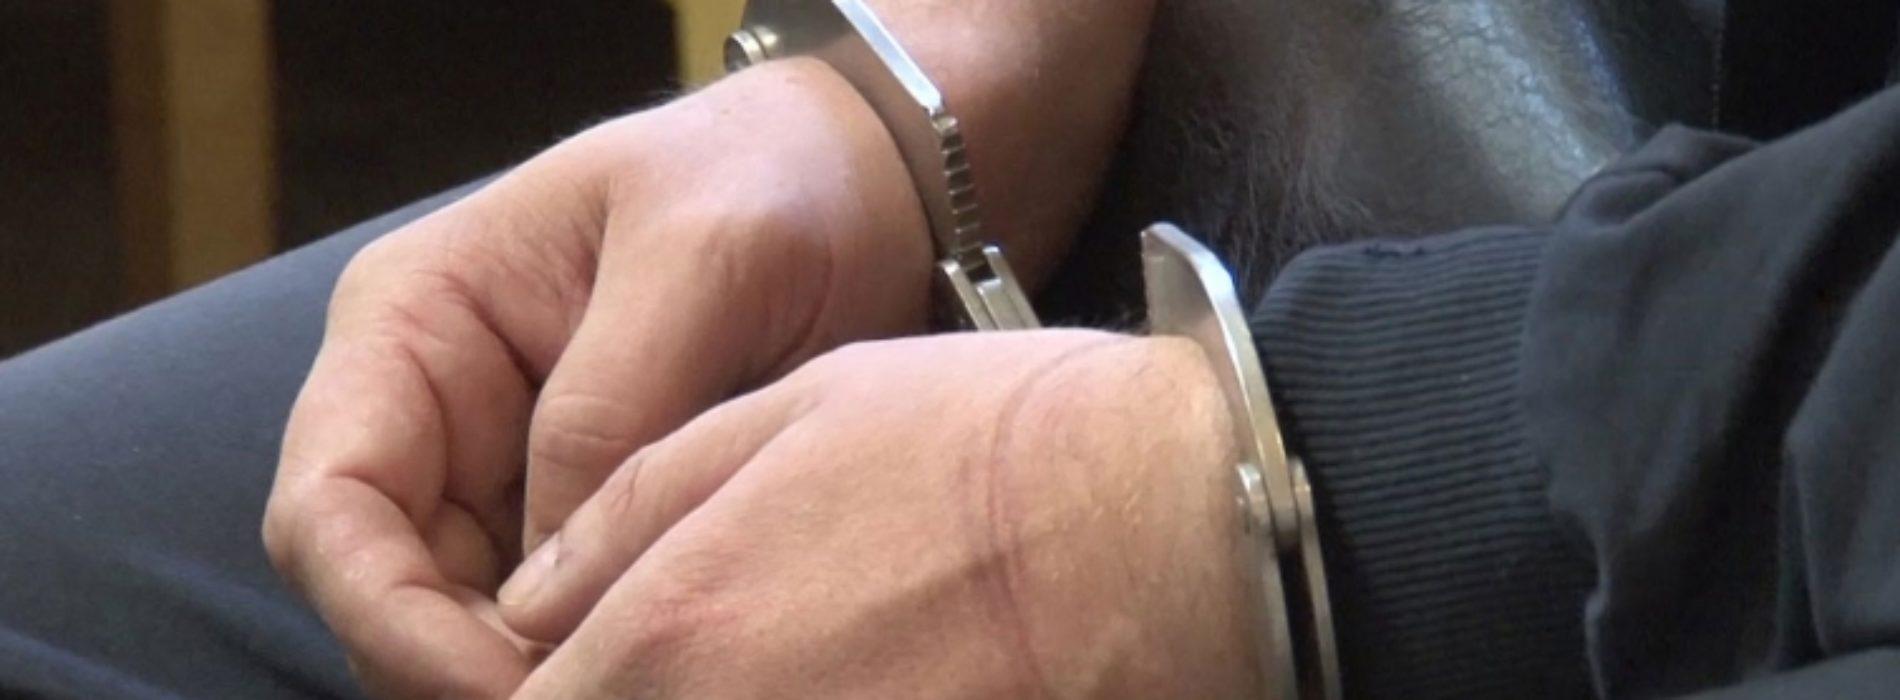 В получении взятки подозревается начальник департамента обороны ЗКО